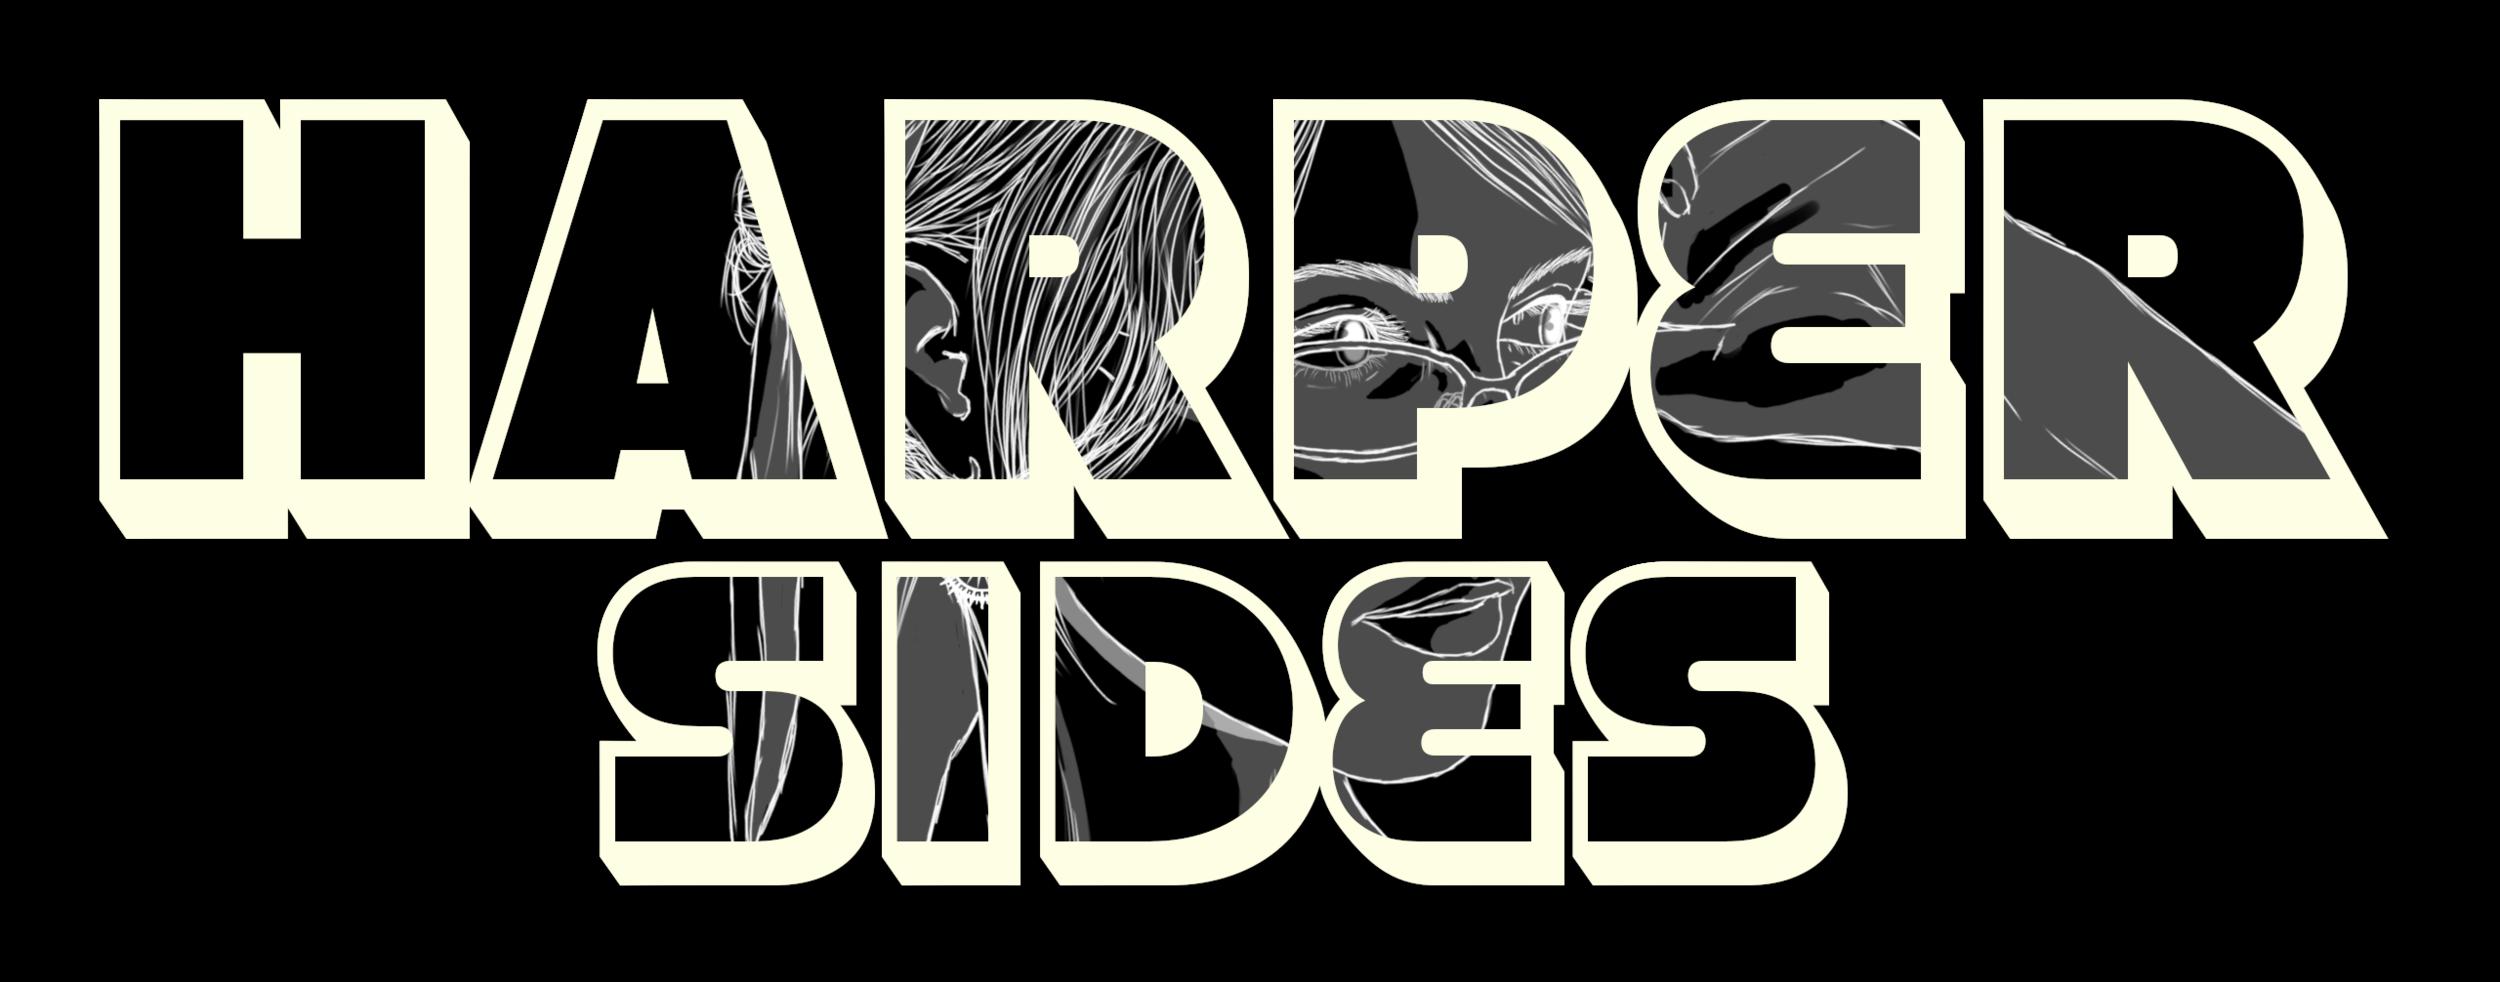 HarperSides.png